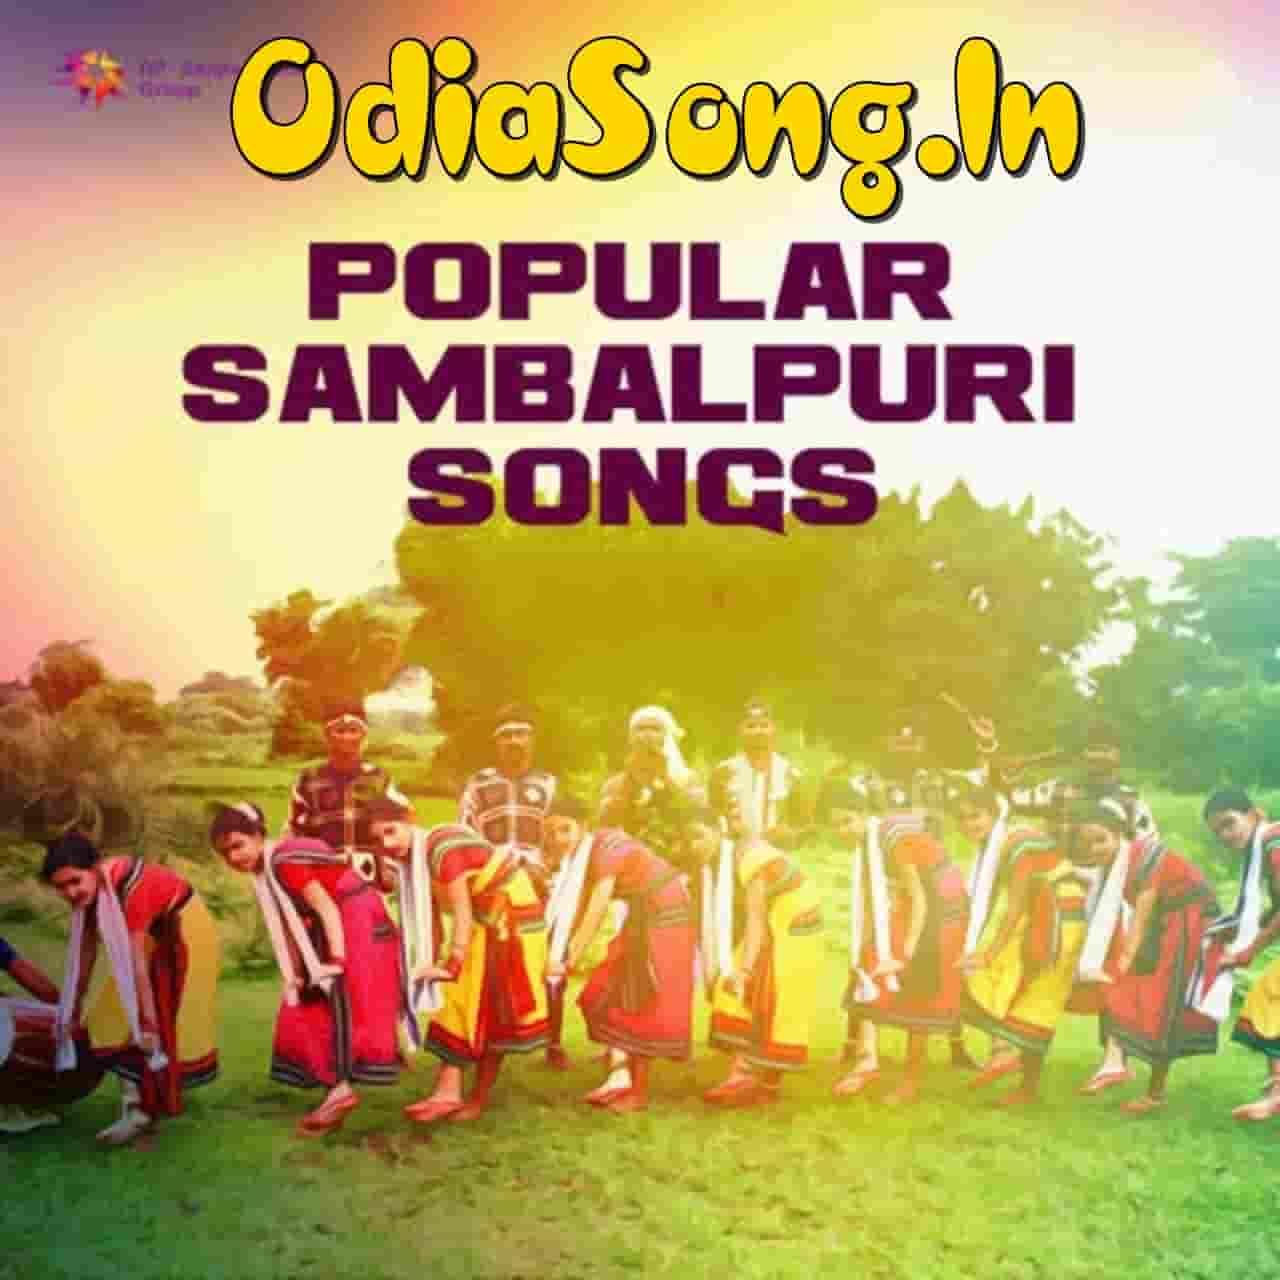 Bhalpauchhe Bhal Pauthili (Arju Bhai) Sambalpuri Songs